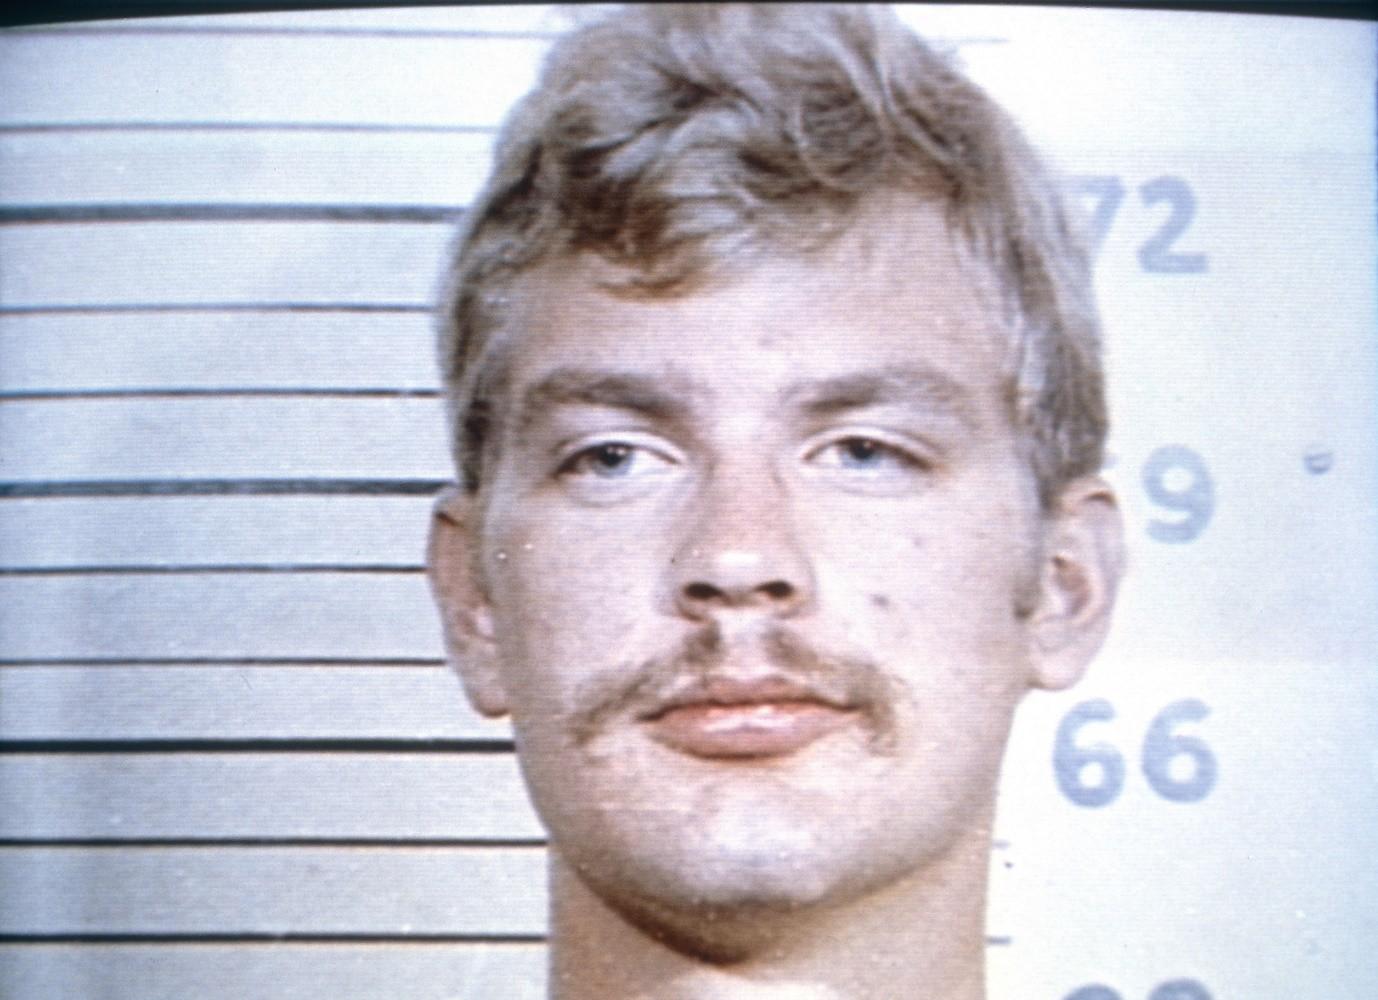 Đẹp trai thế này mà lại đi làm sát nhân, uổng phí quá Dahmer ơi !